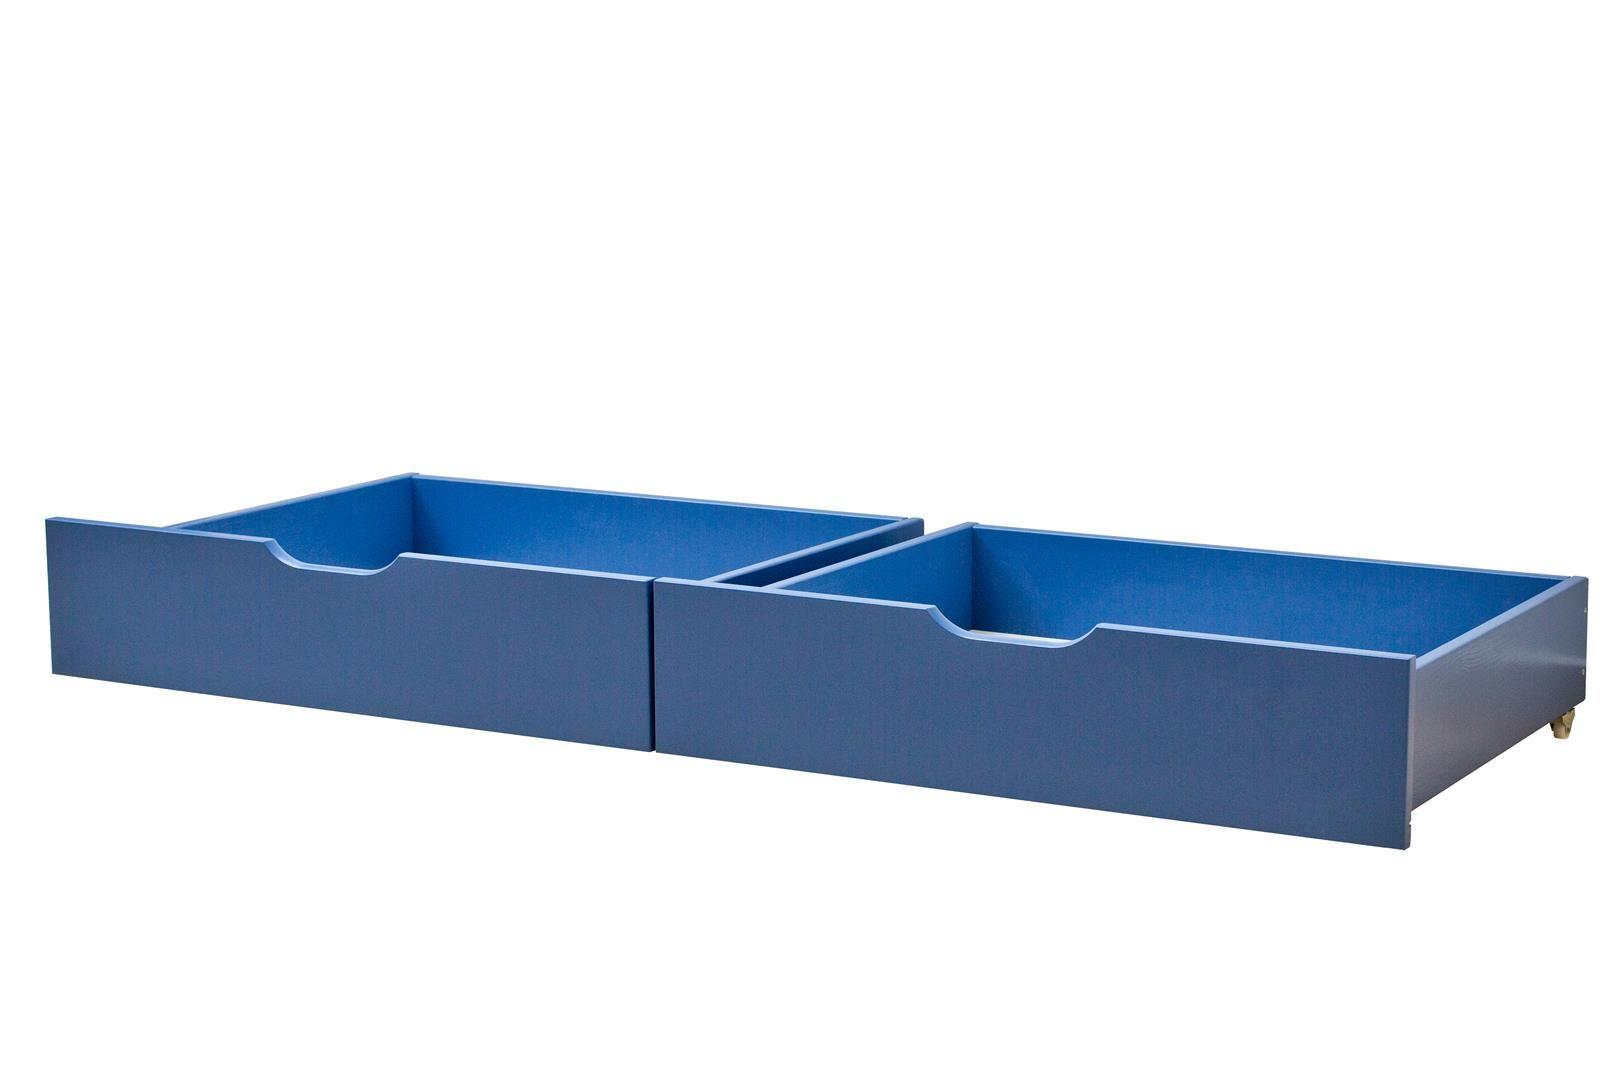 Sengeskuffesæt fra Hoppekids - Classic Blue (153x60)